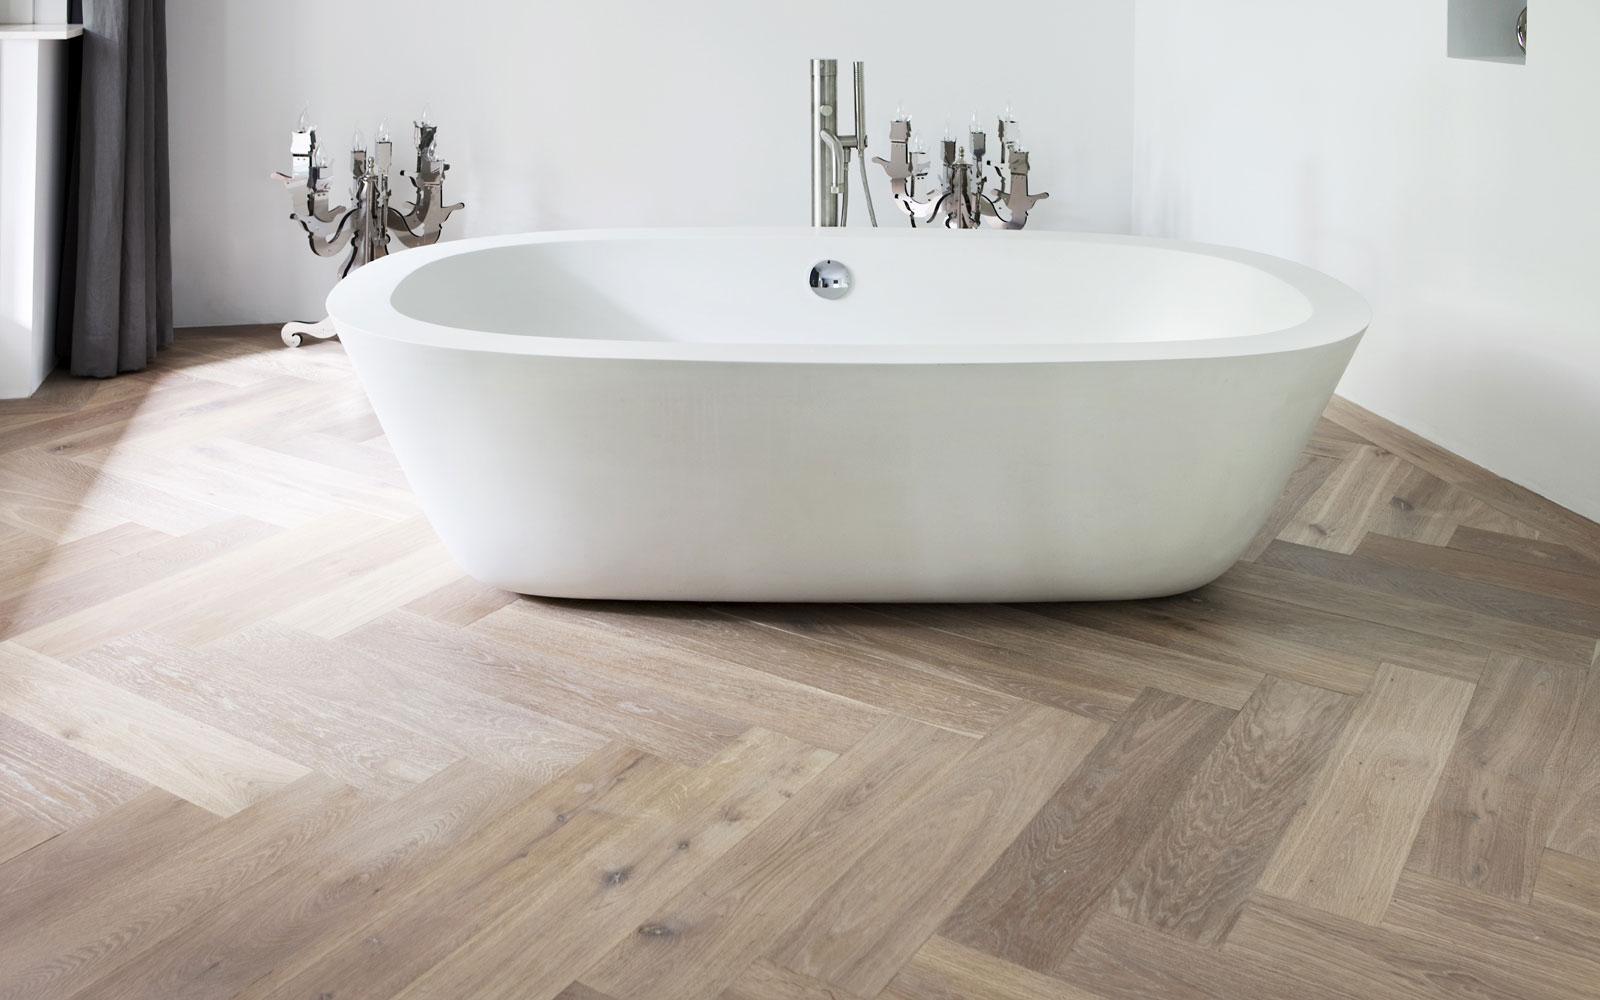 Houtlook tegels woonkamer en badkamer   portugese tegels van tegelaer